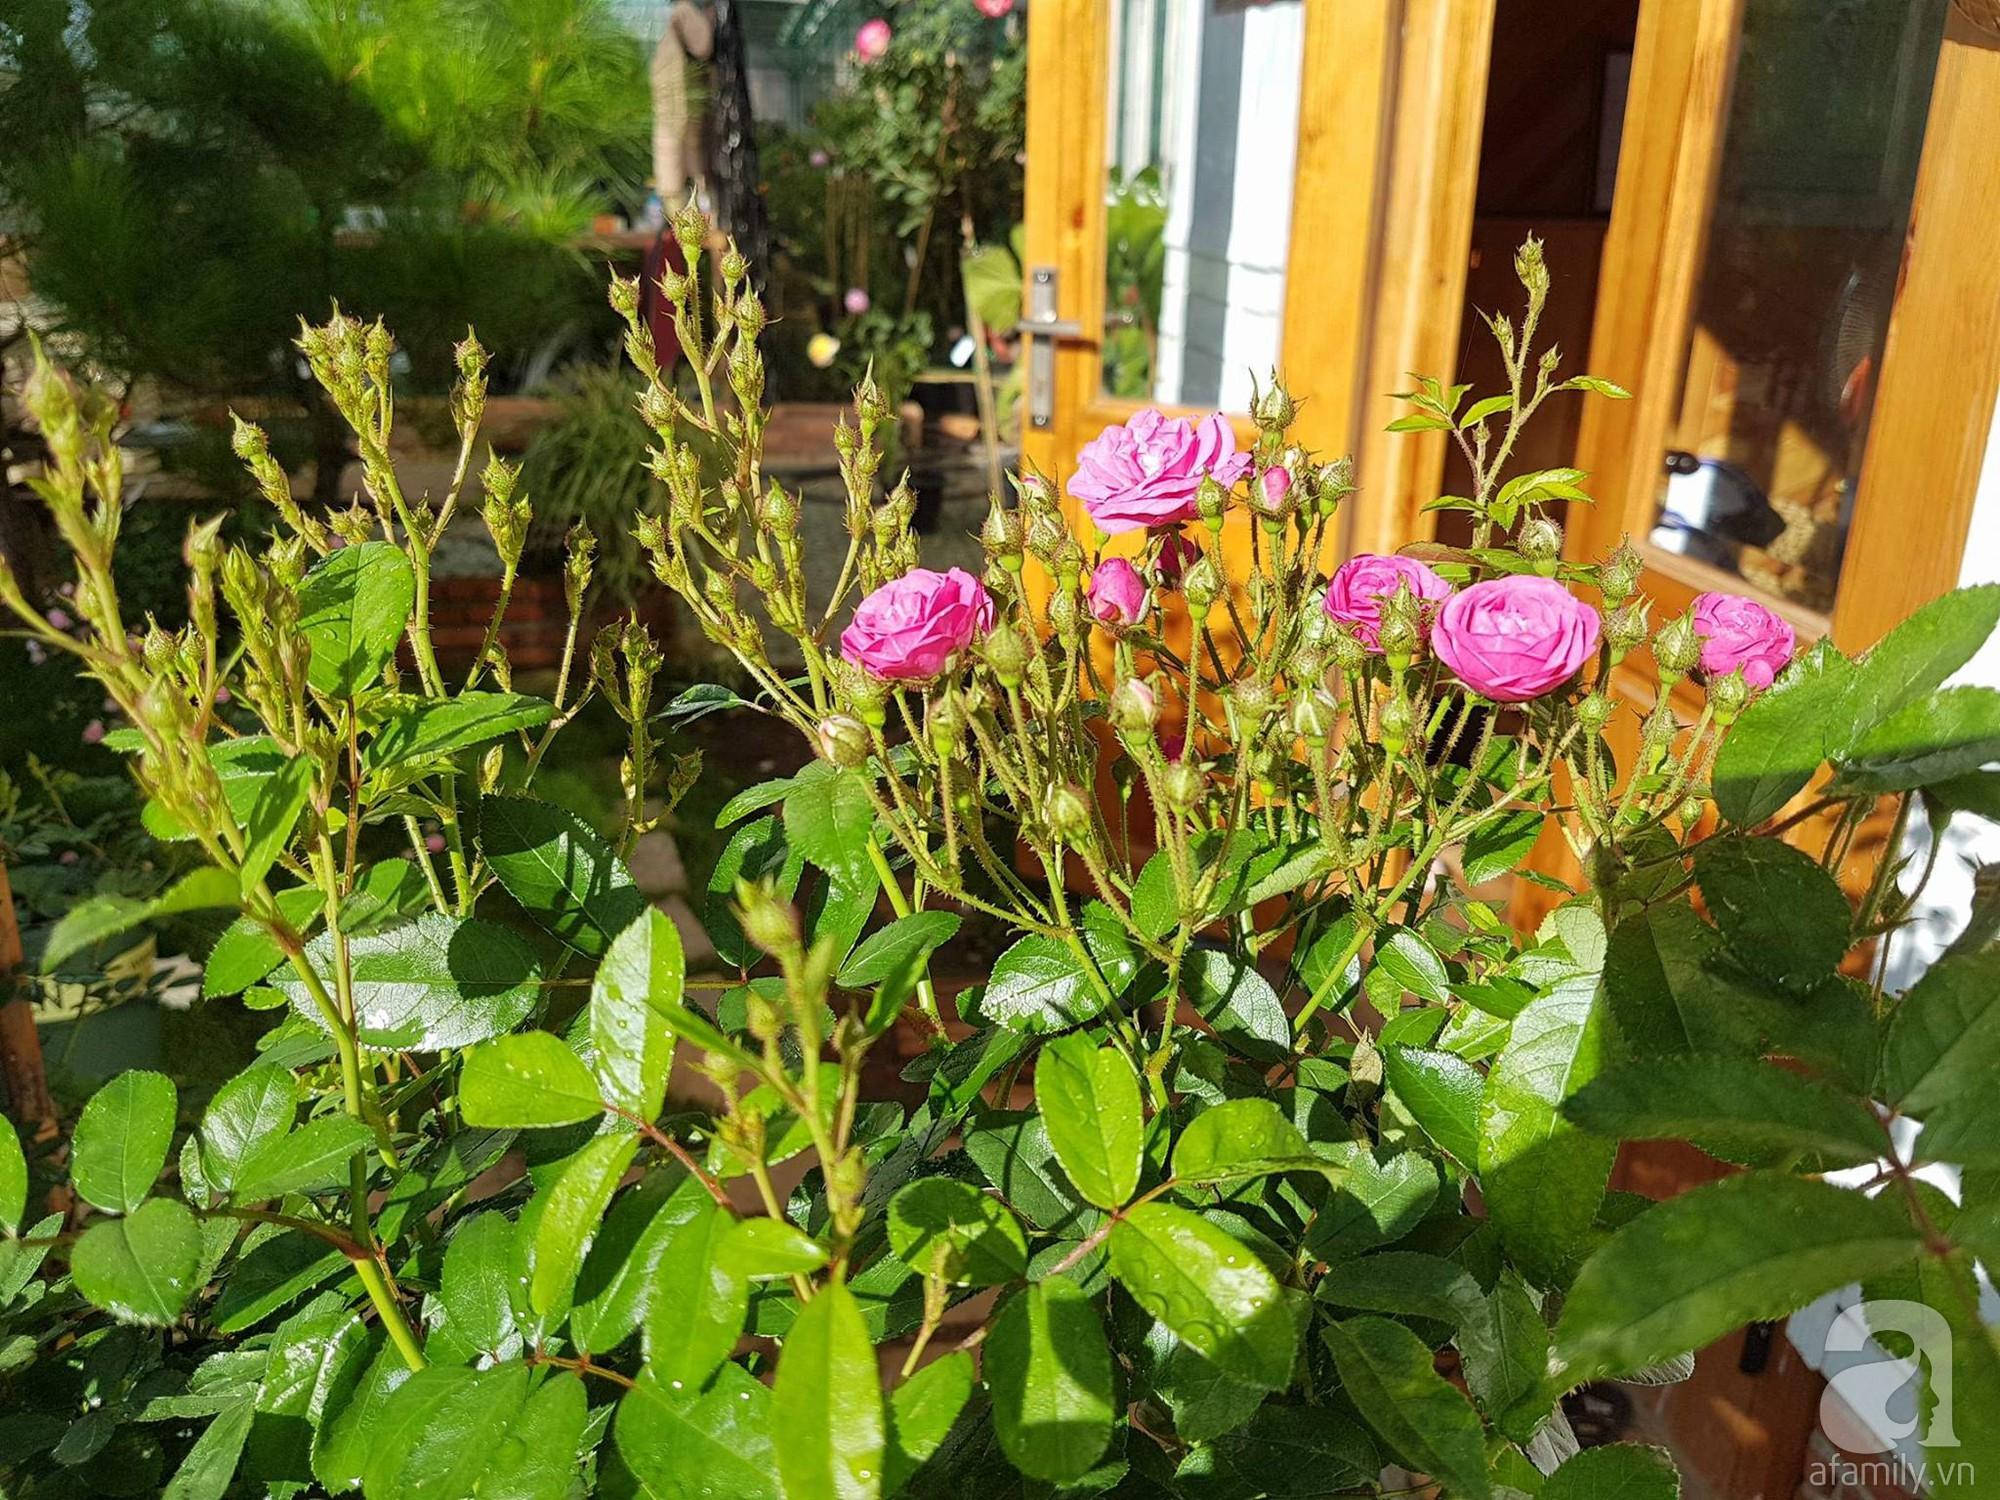 Người bố trồng cả vườn hồng đẹp như mơ để dành tặng con gái yêu ở Đà Lạt - Ảnh 8.